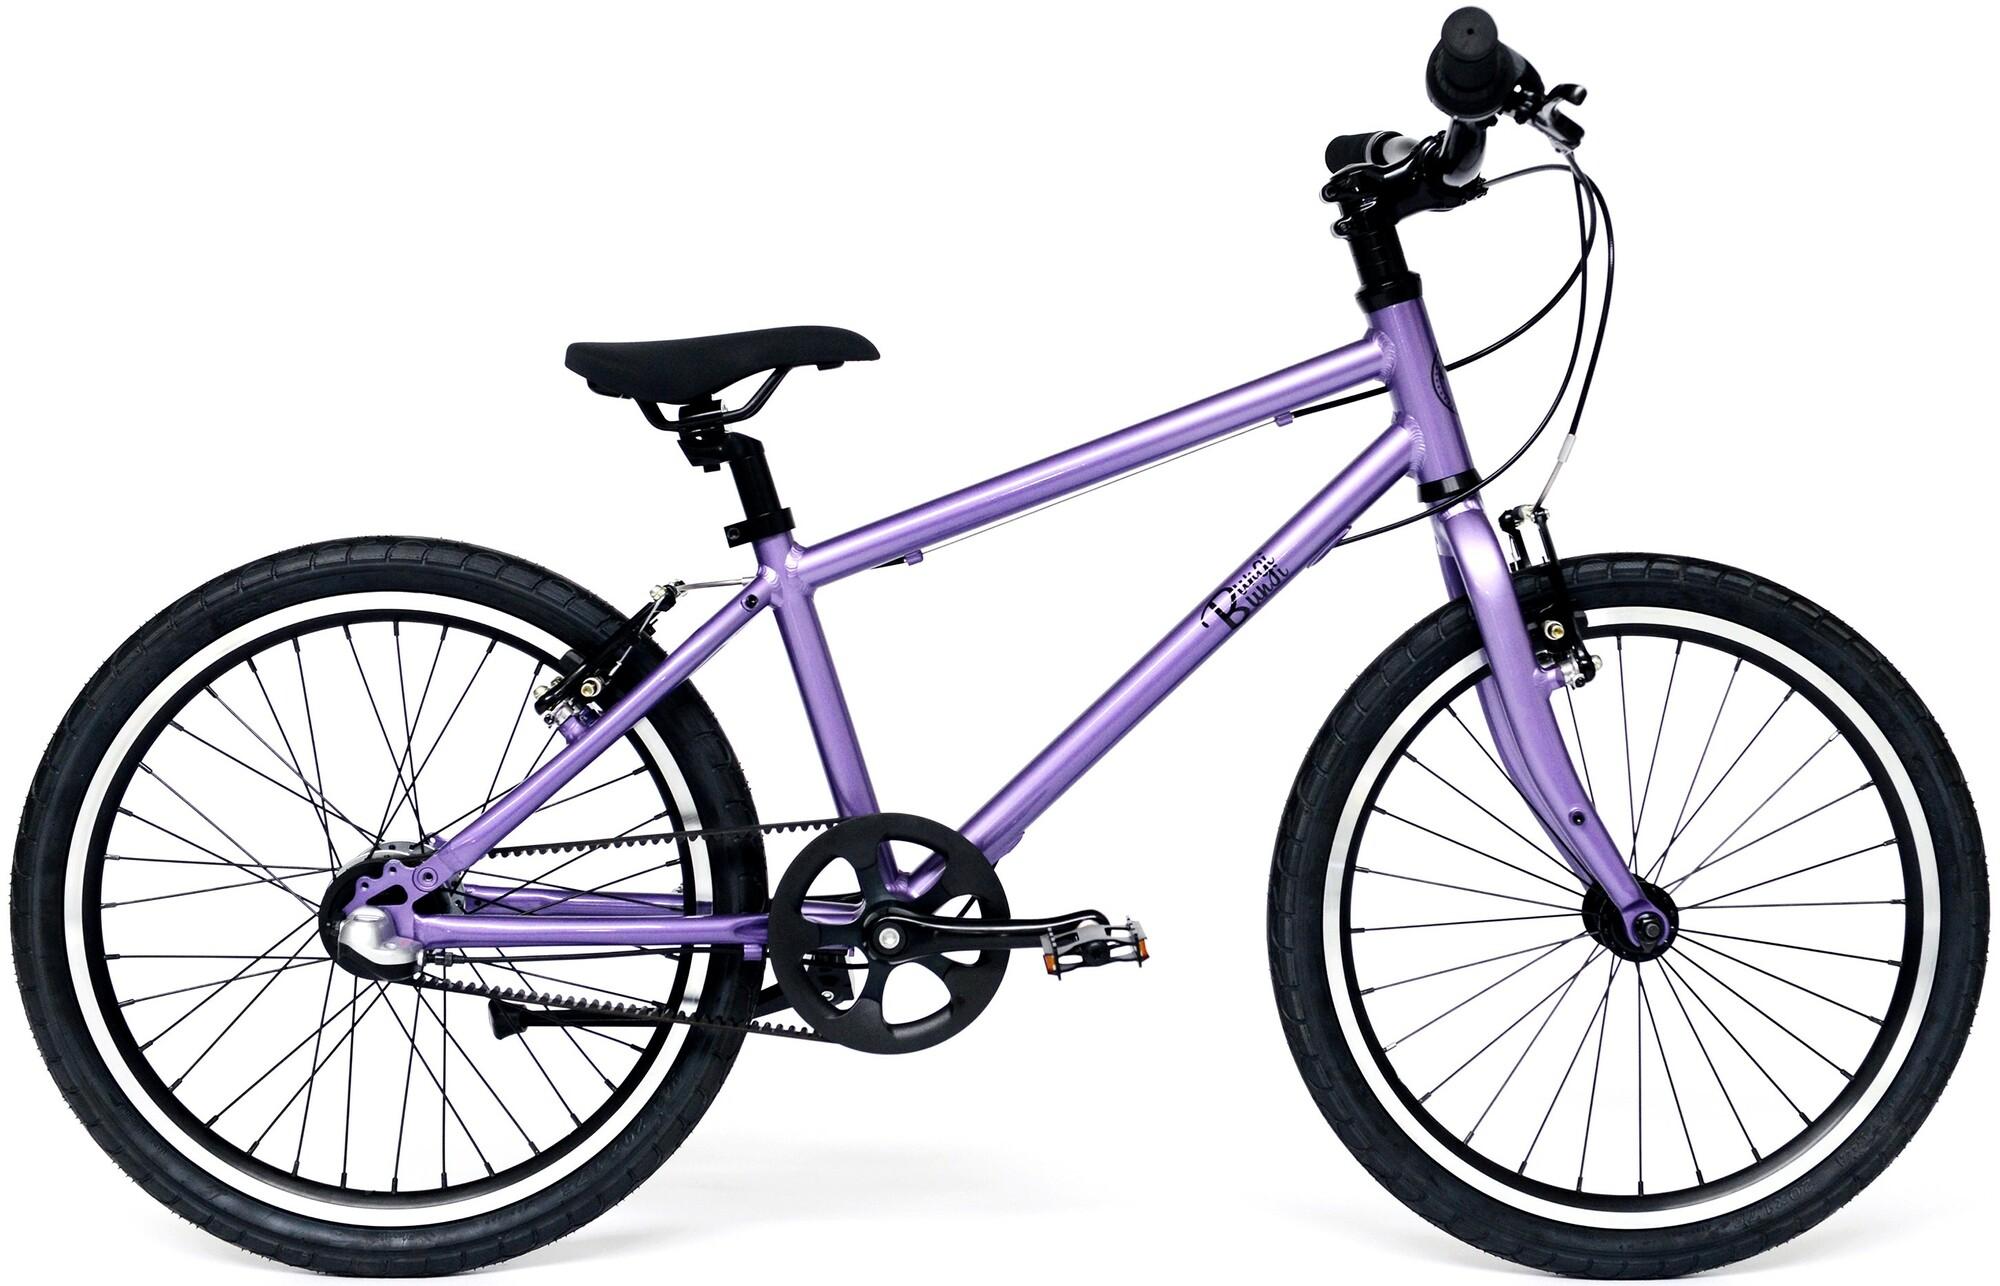 """Bungi Bungi - Detský bicykel Lite 20"""", Nexus 3 Hliníkový ultra ľahký 2019 - Plum Purple"""